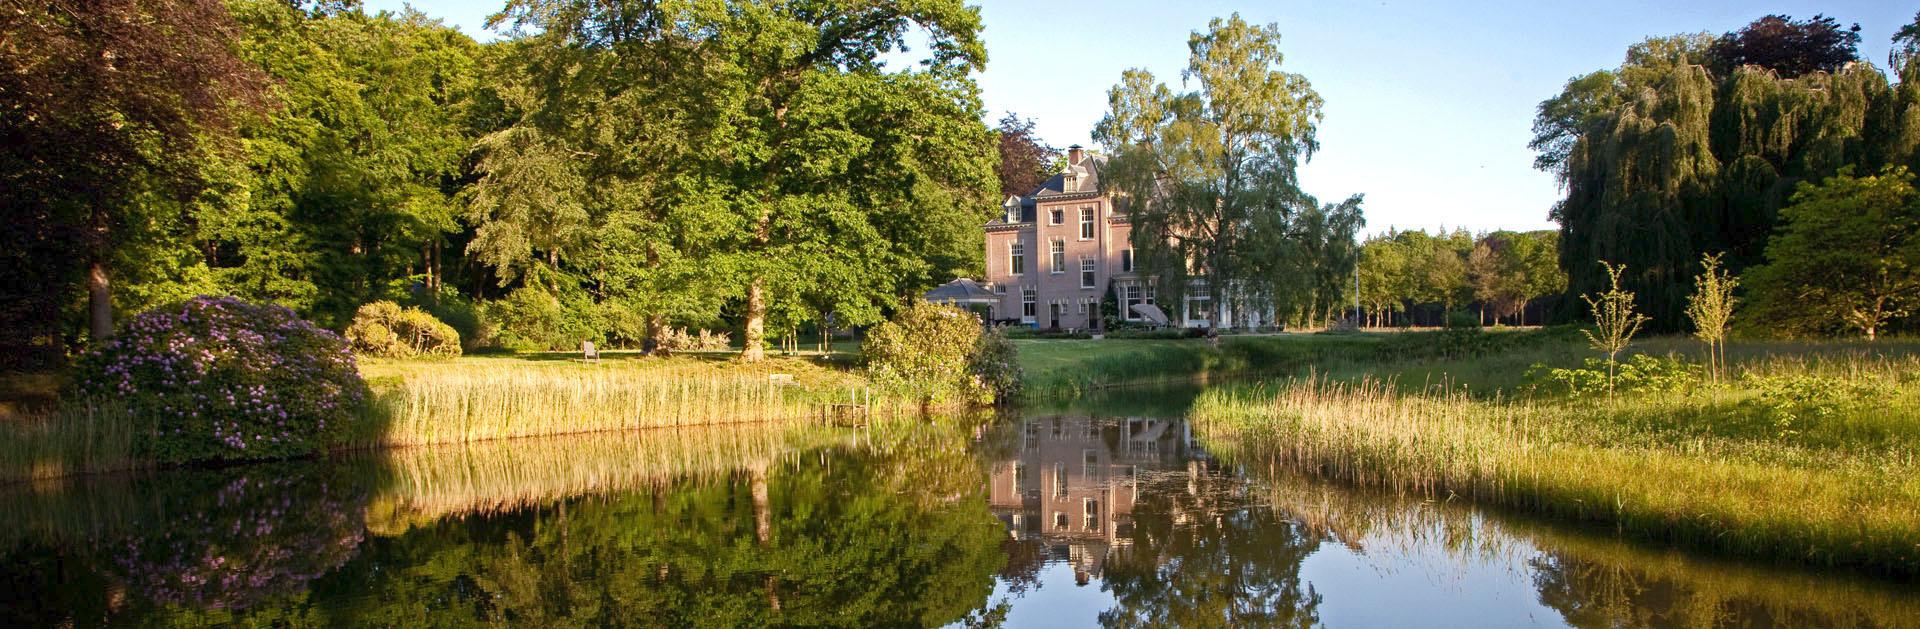 Landhuis 't Waliën - Warnsveld